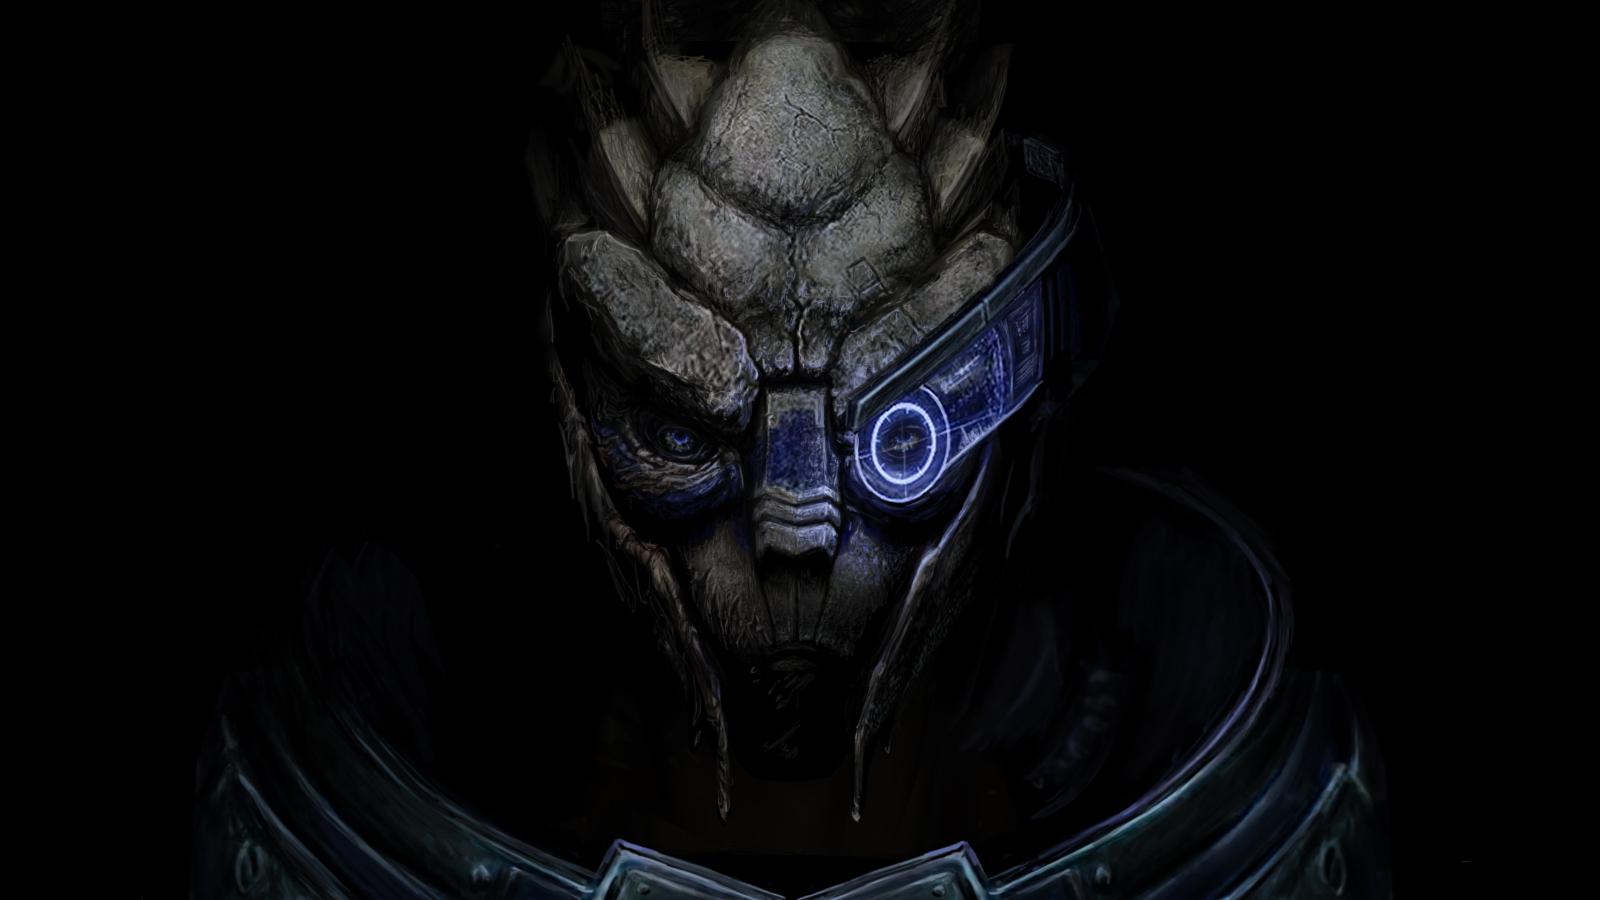 List Nation Wallpapers 19 Mass Effect Wallpapers 1600x900